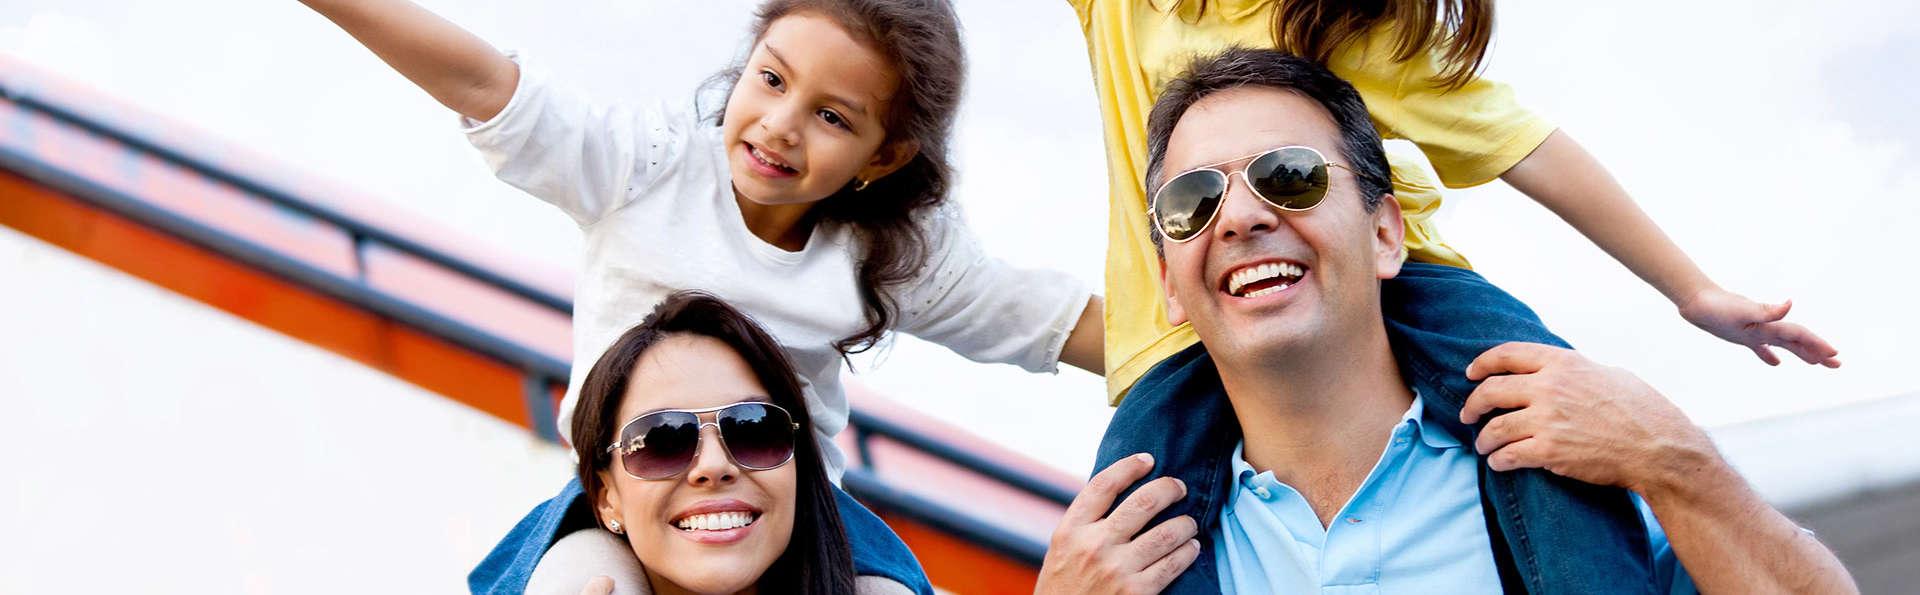 Beleef een minivakantie met het verblijf voor de kinderen gratis in Aken (vanaf 2 nachten)